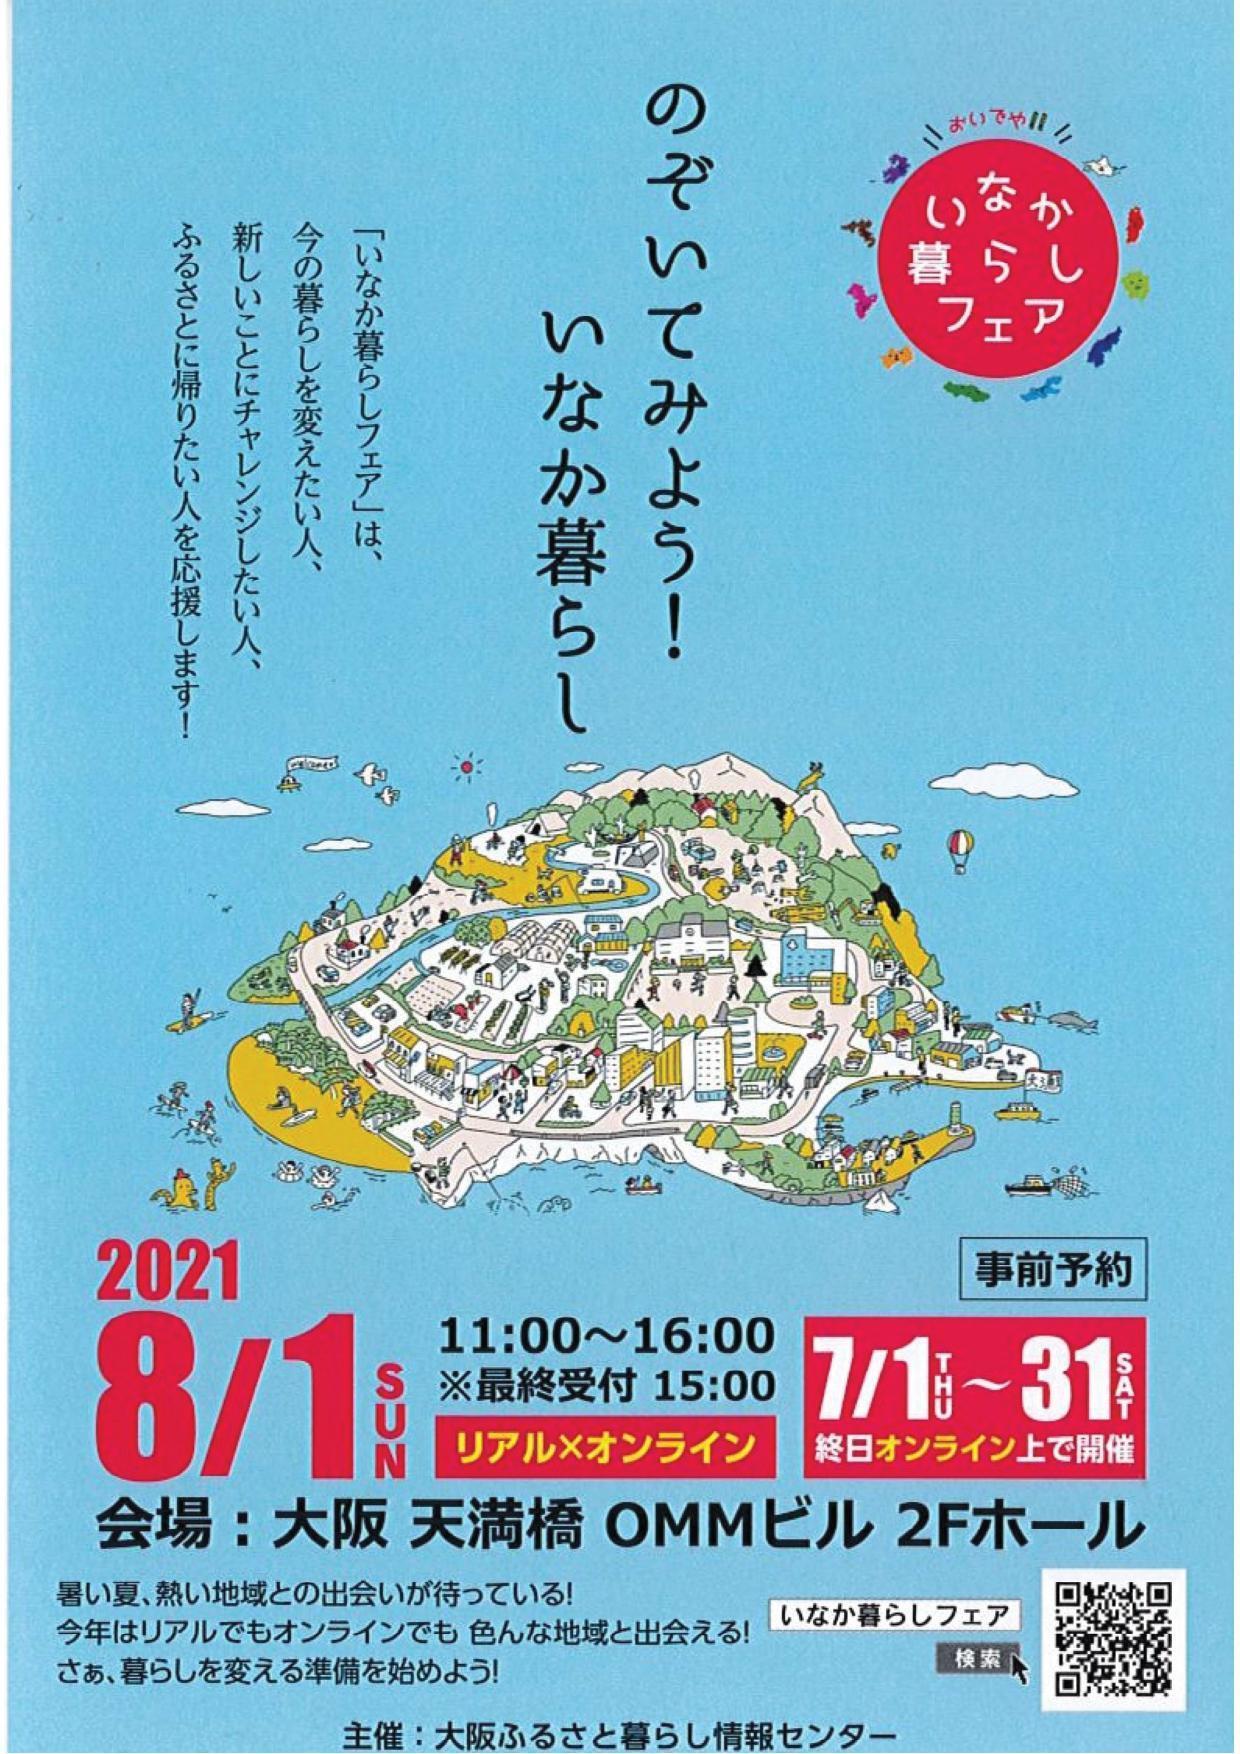 【8/1(日)】「おいでや!!いなか暮らしフェア2021」に備前市出展決定!